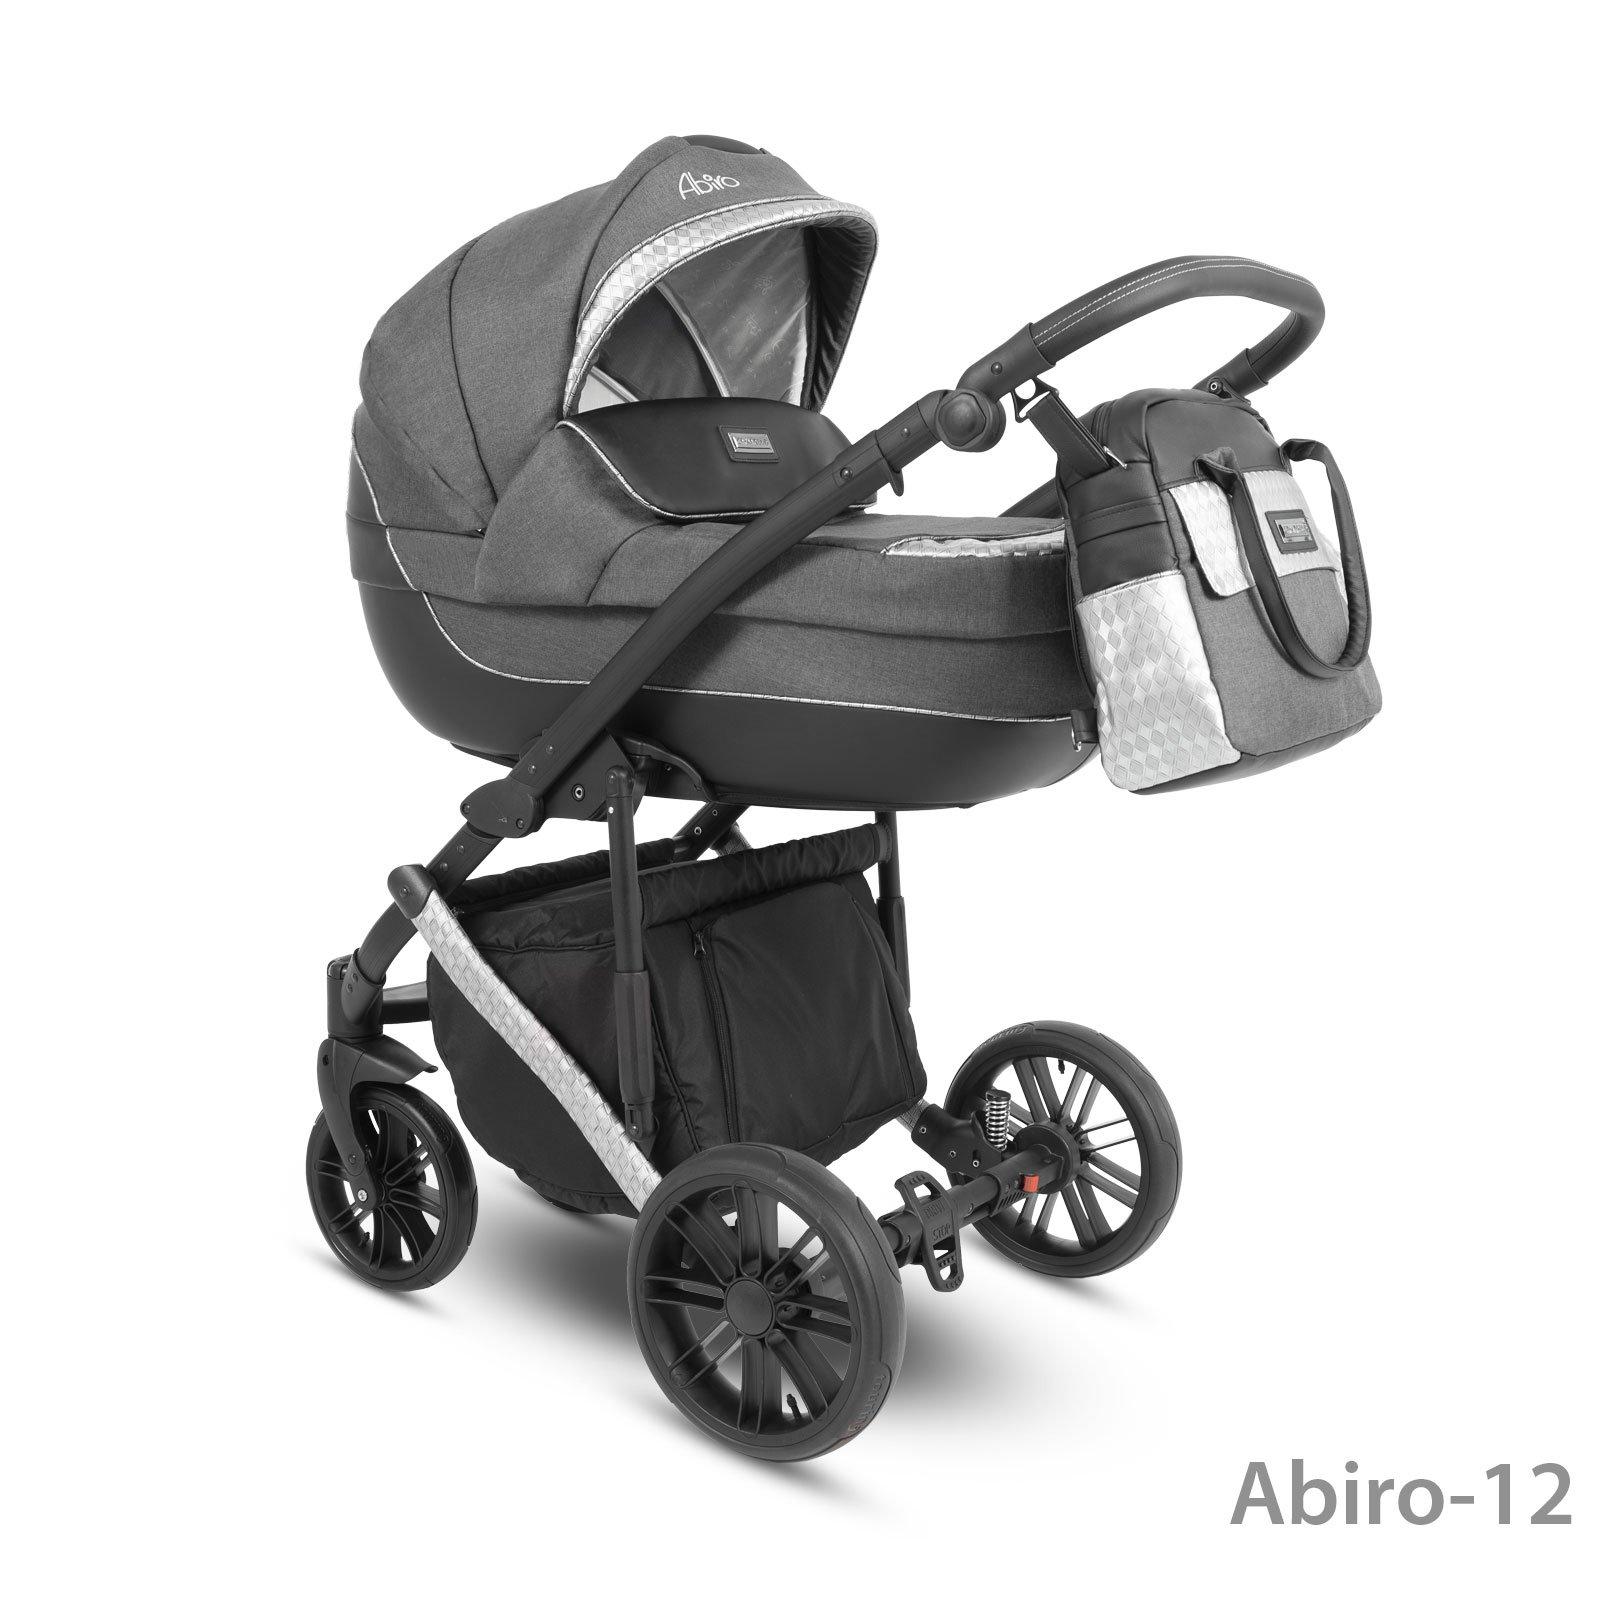 Camarelo Abiro Abiro-12 Bērnu rati 3in1